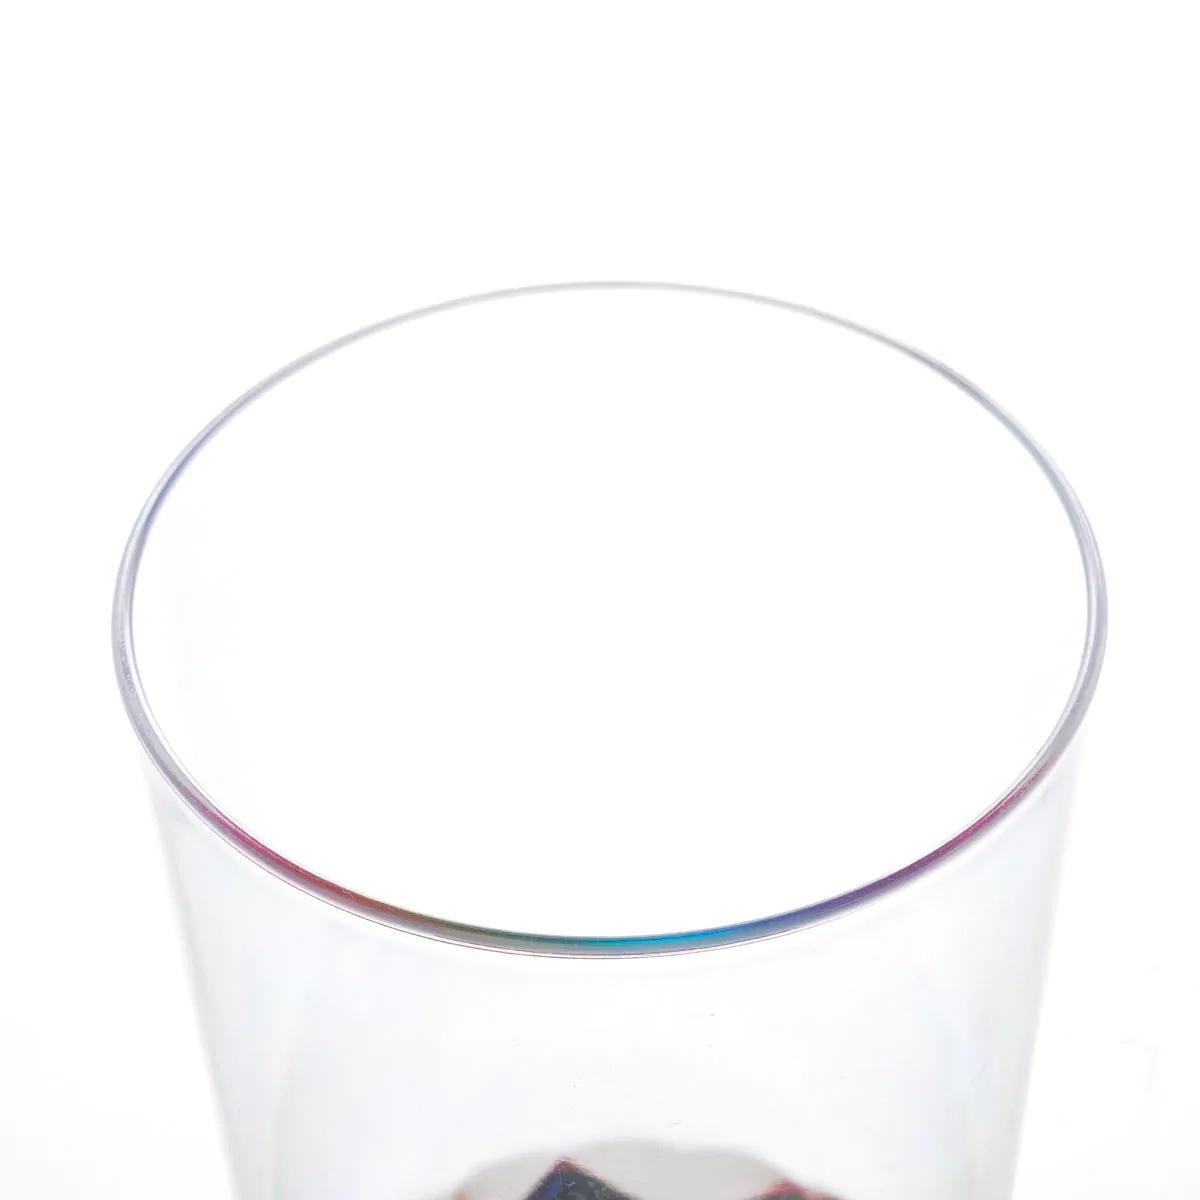 NITORI(ニトリ) MSタンブラー レインボーの商品画像3